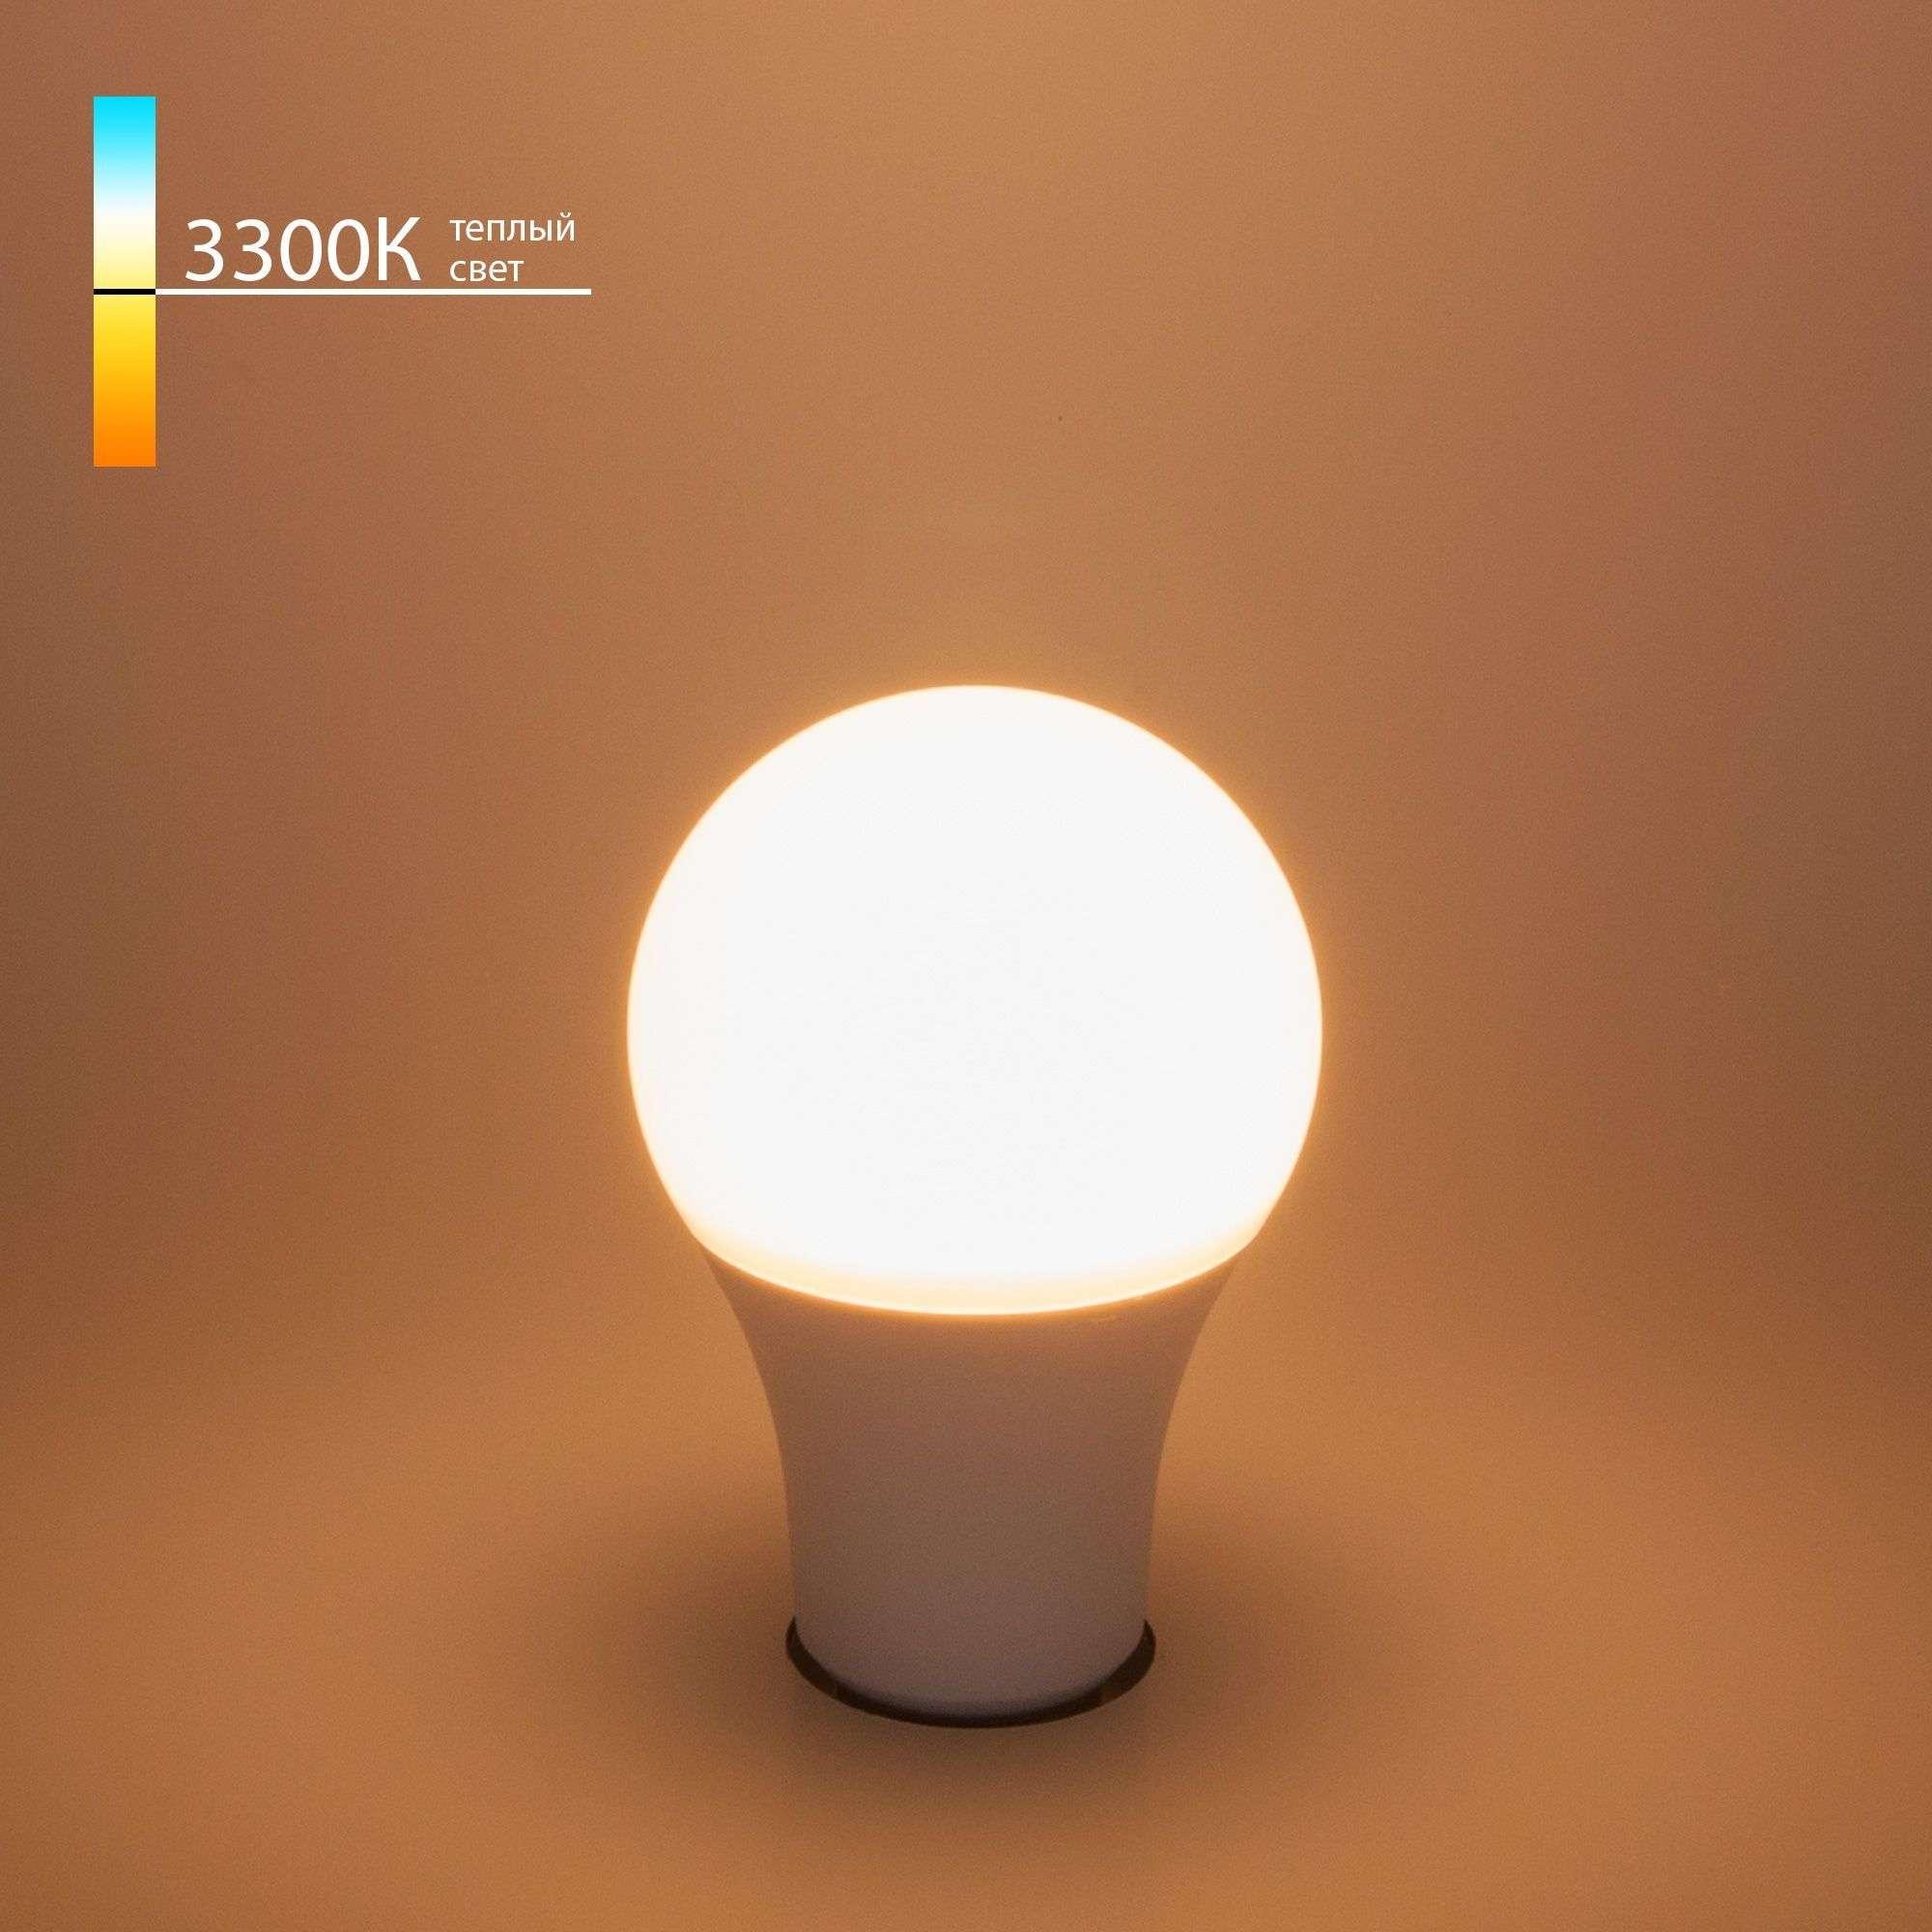 Светодиодная лампа A60 15W 3300K E27 Classic LED D 15W 3300K E27